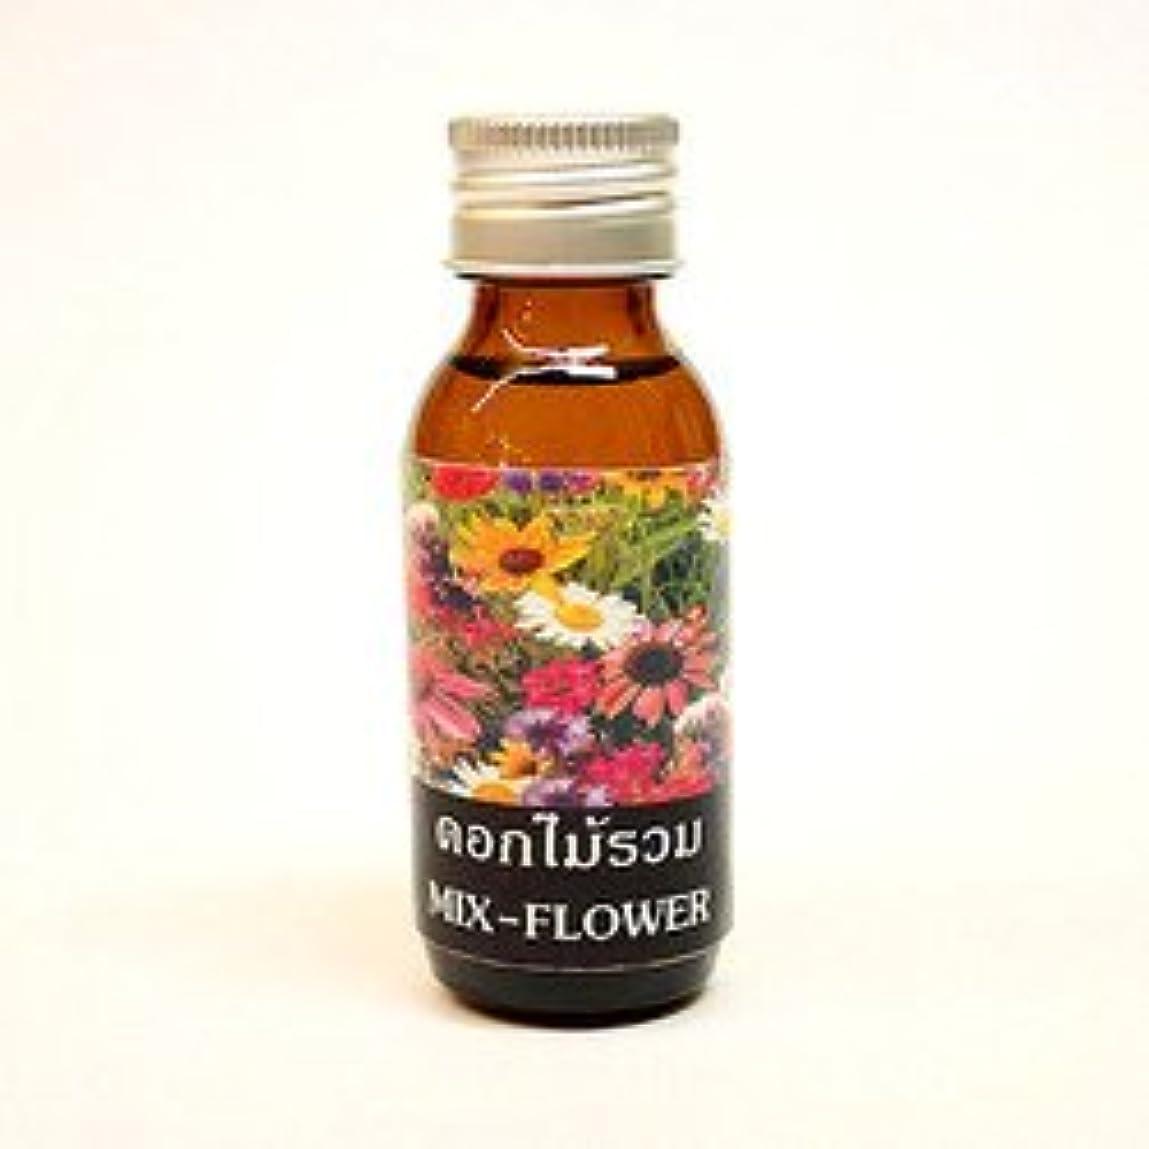 コンテストインドリラックスミックスフラワー 〔Mix-Flower〕 アロマテラピーオイル 30ml アジアン雑貨